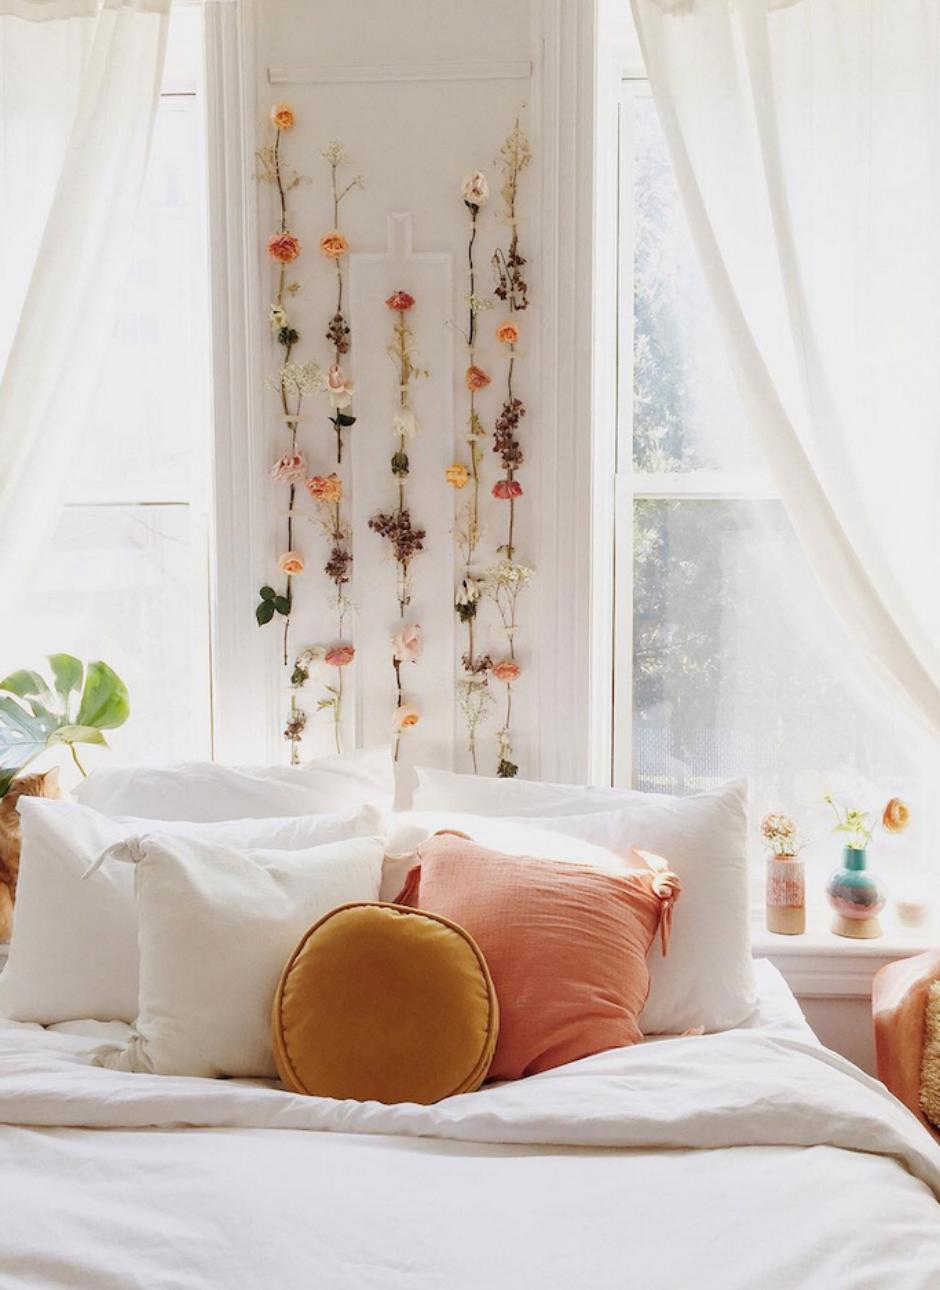 Bed against the window  sunlit bedrooms bedroomdecoration  best bedroom decor in